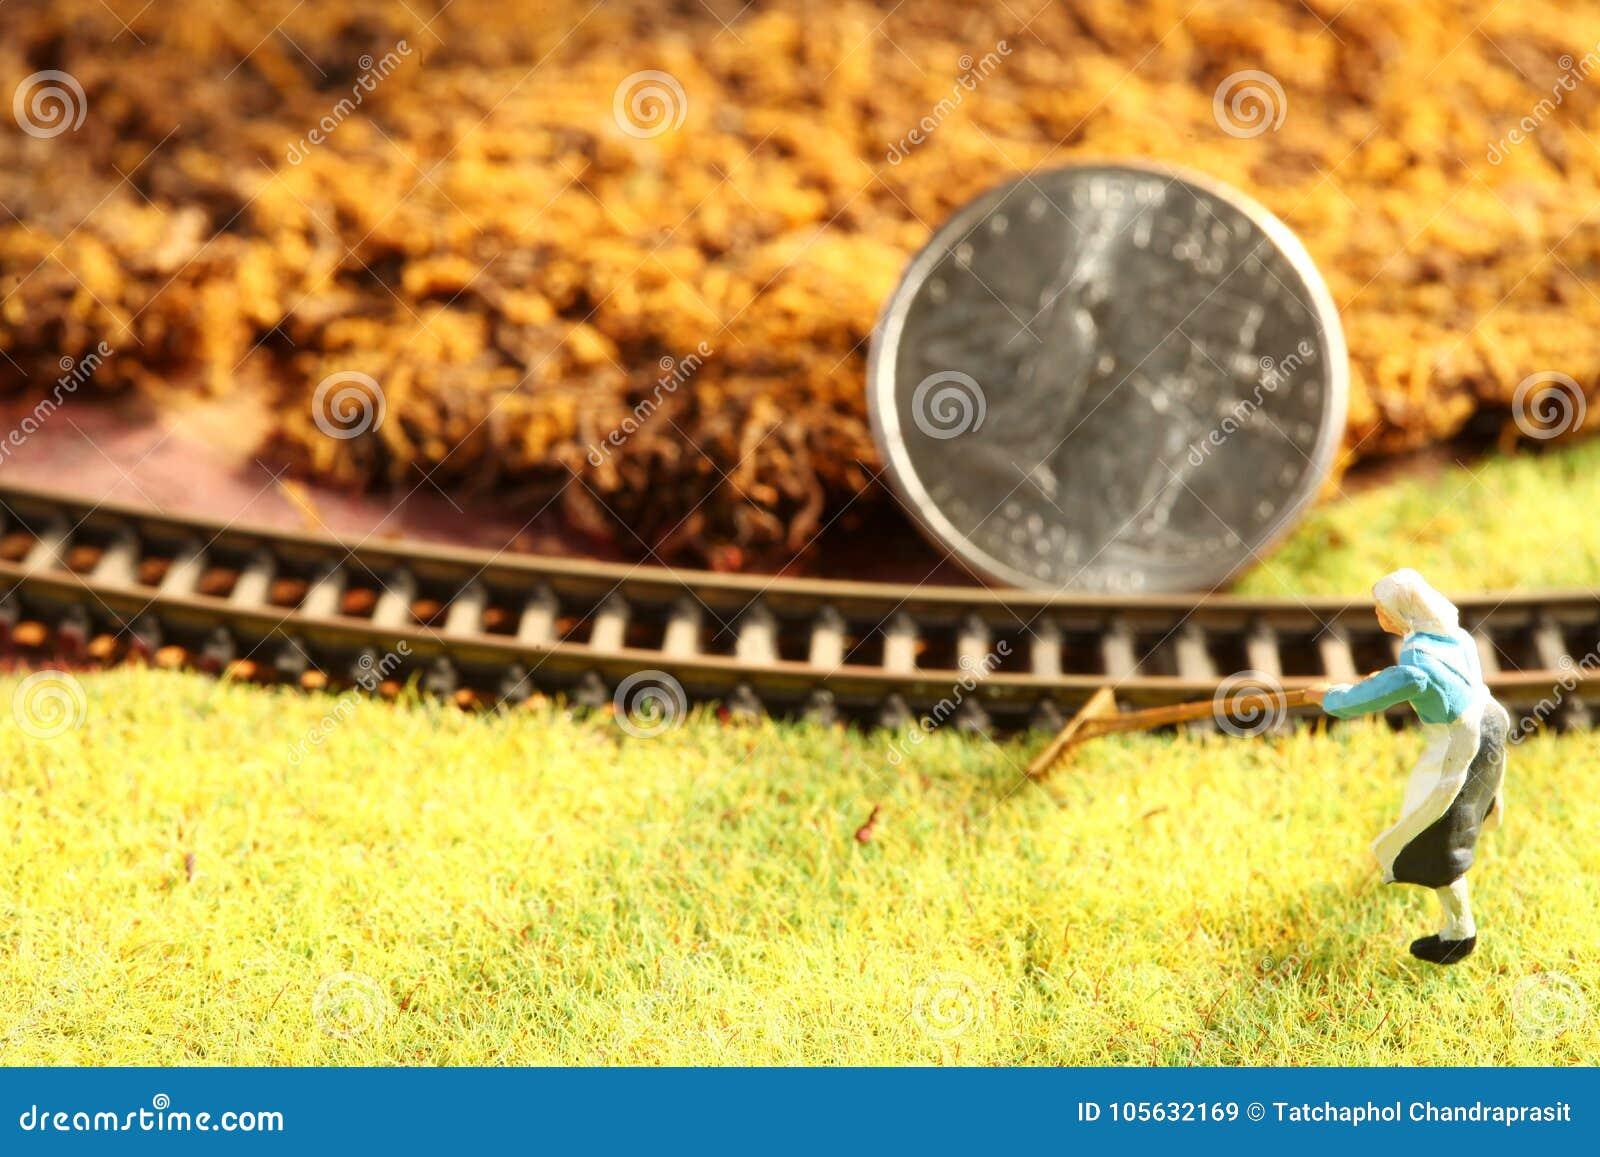 Pieniądze moneta stawiająca dalej miniaturowa wzorcowa linii kolejowej scena